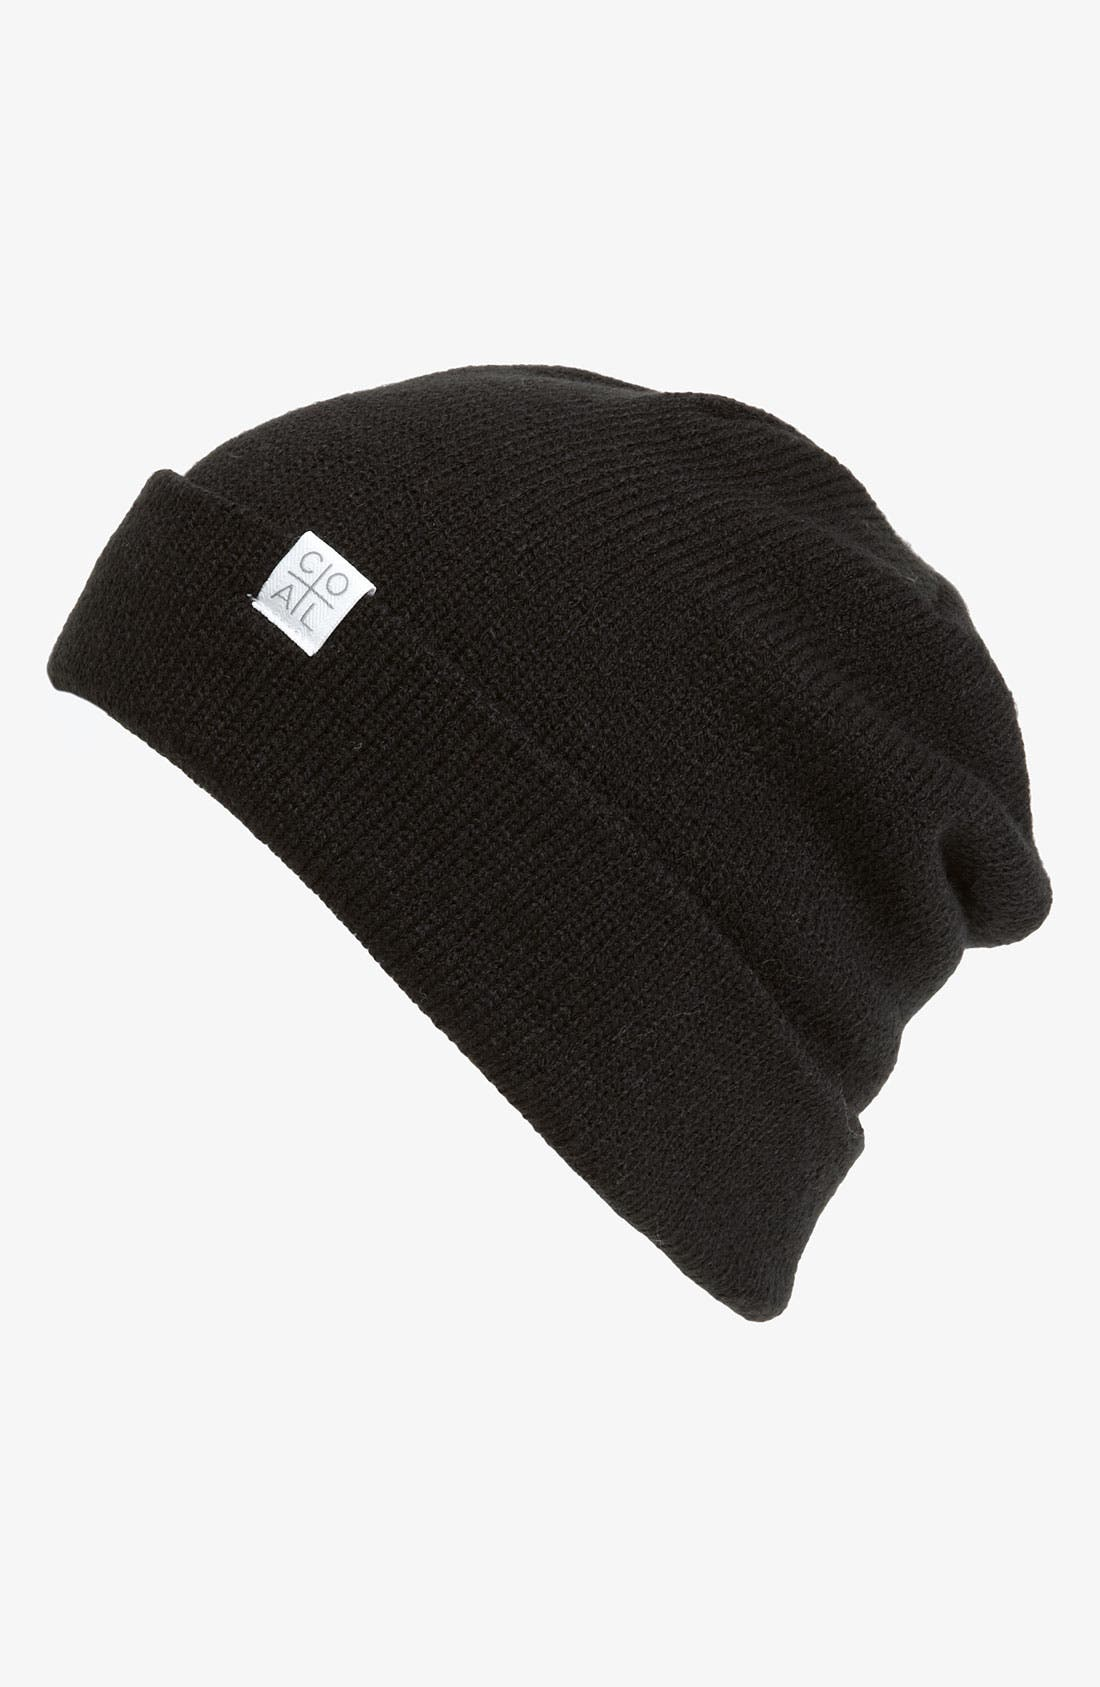 Main Image - Coal Knit Cap